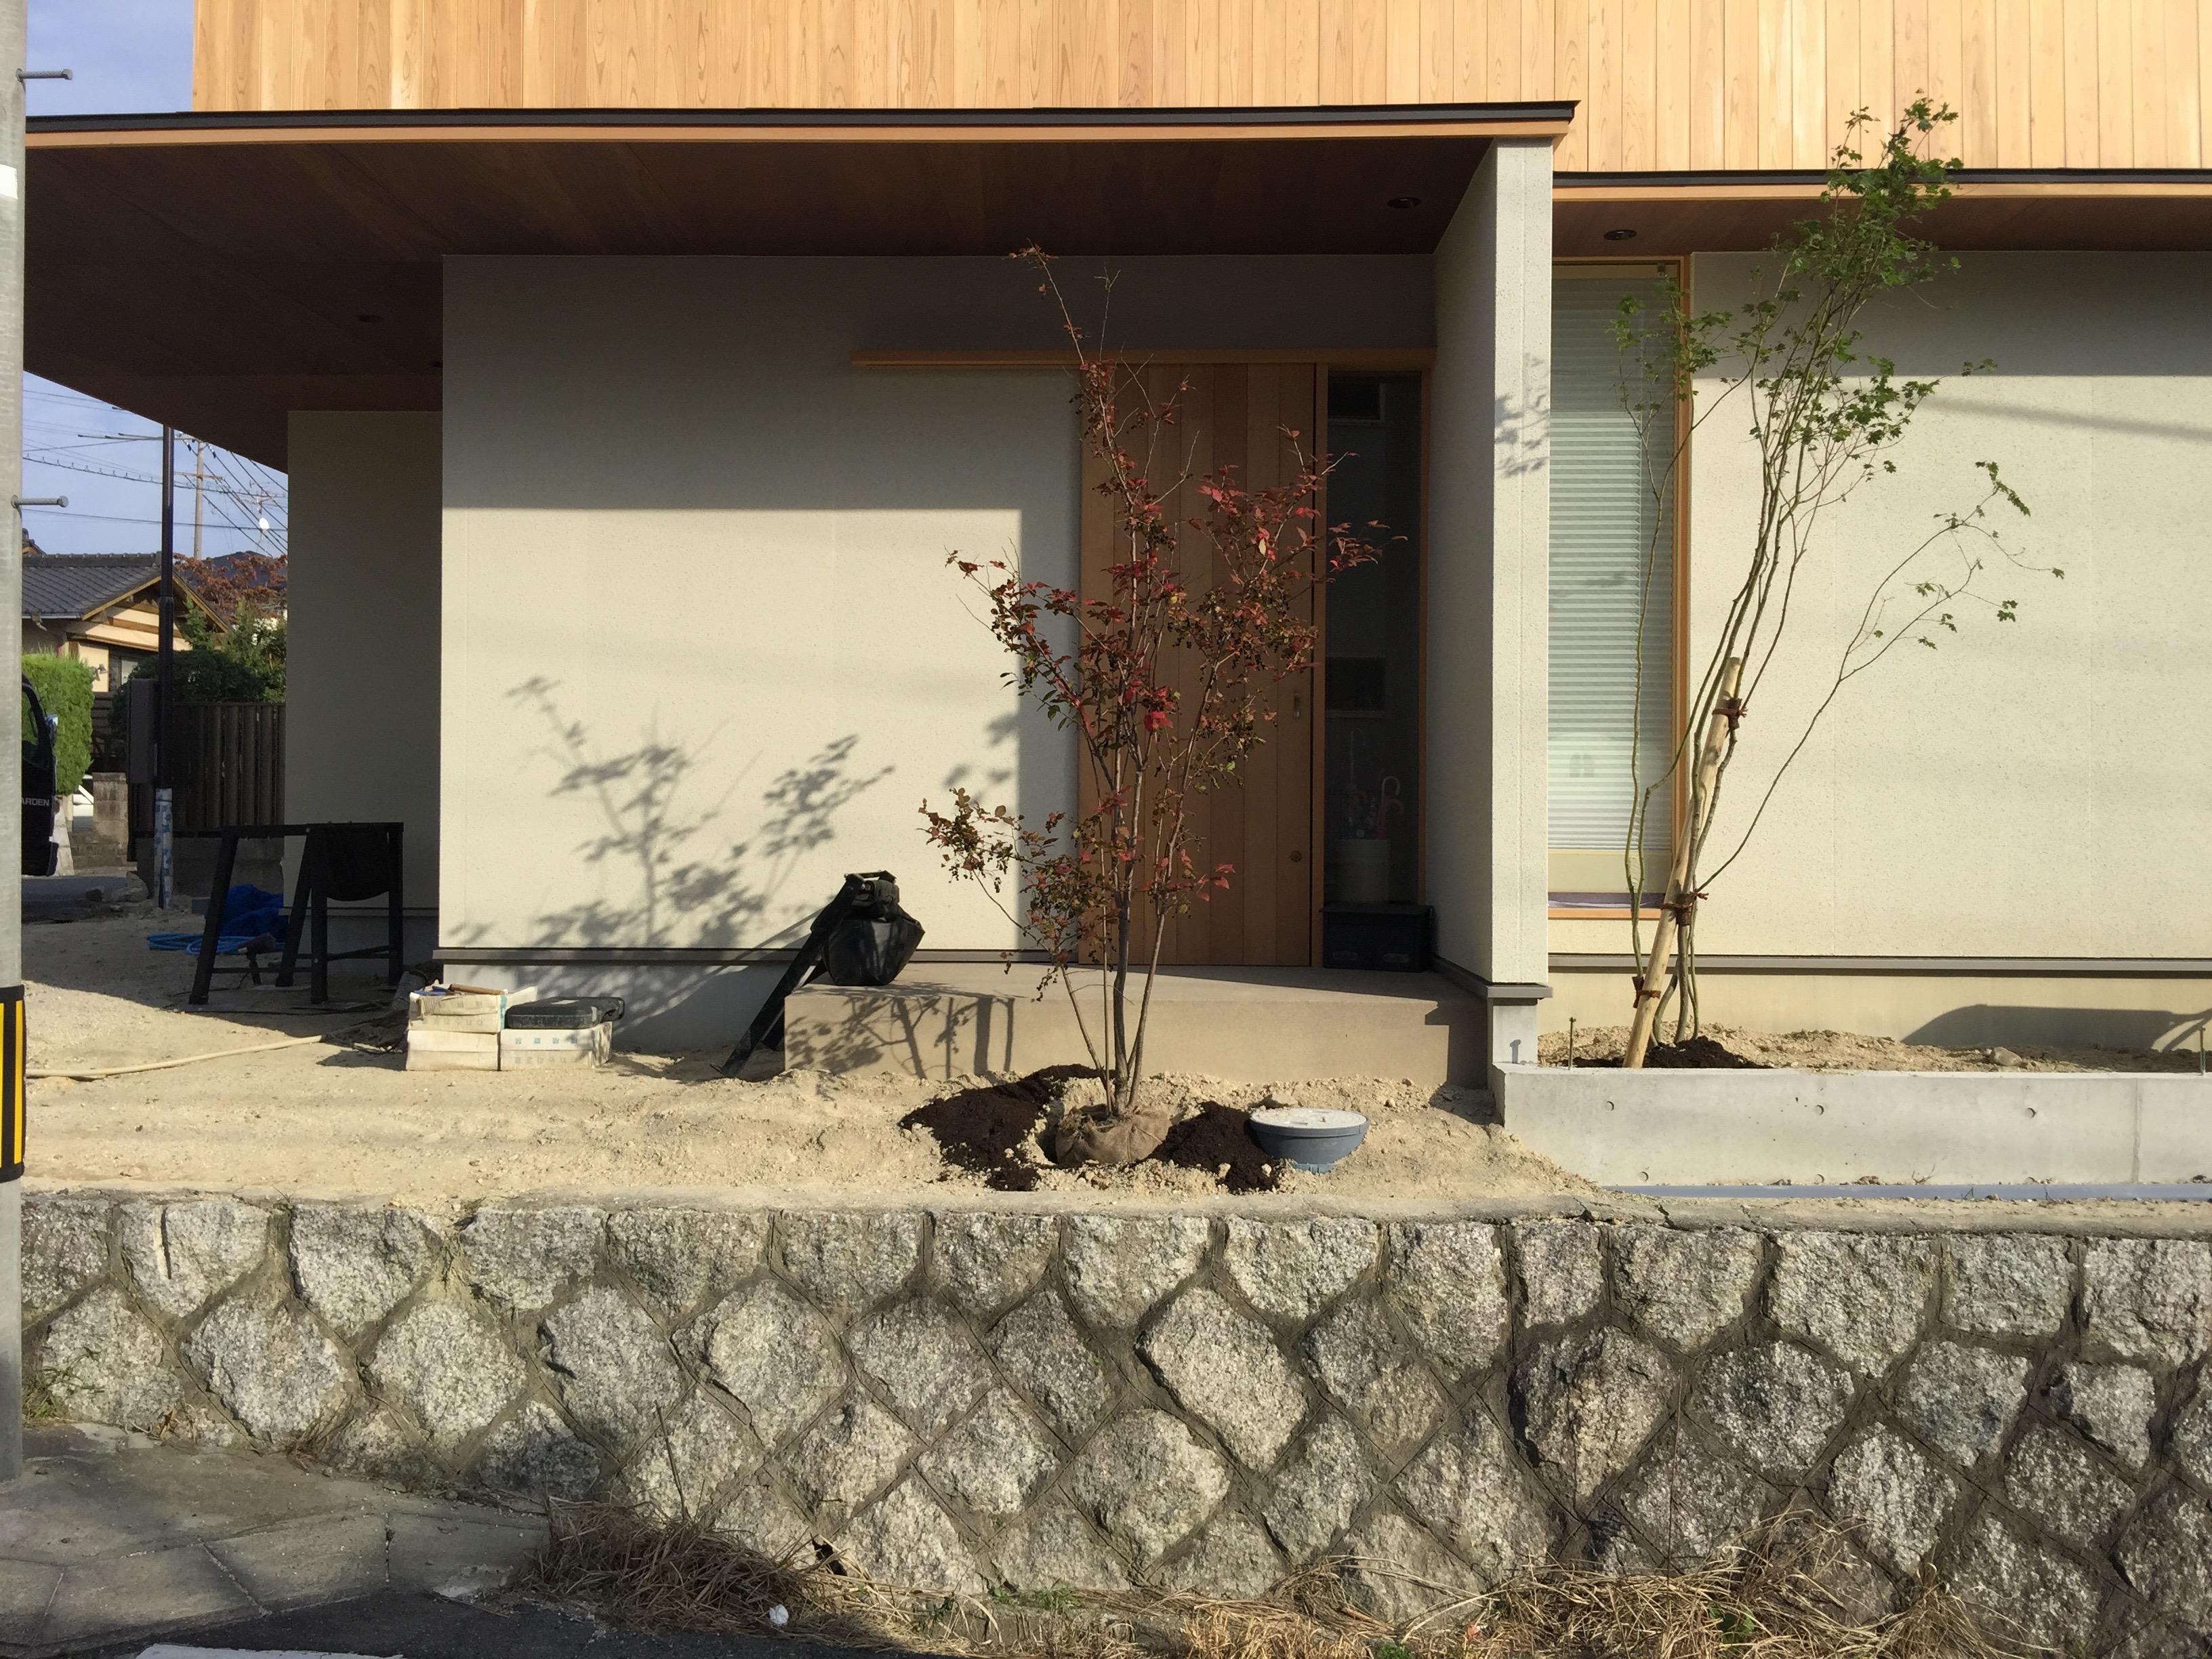 愛知県、名古屋市、岐阜県、三重県、注文住宅、設計事務所、自然素材3